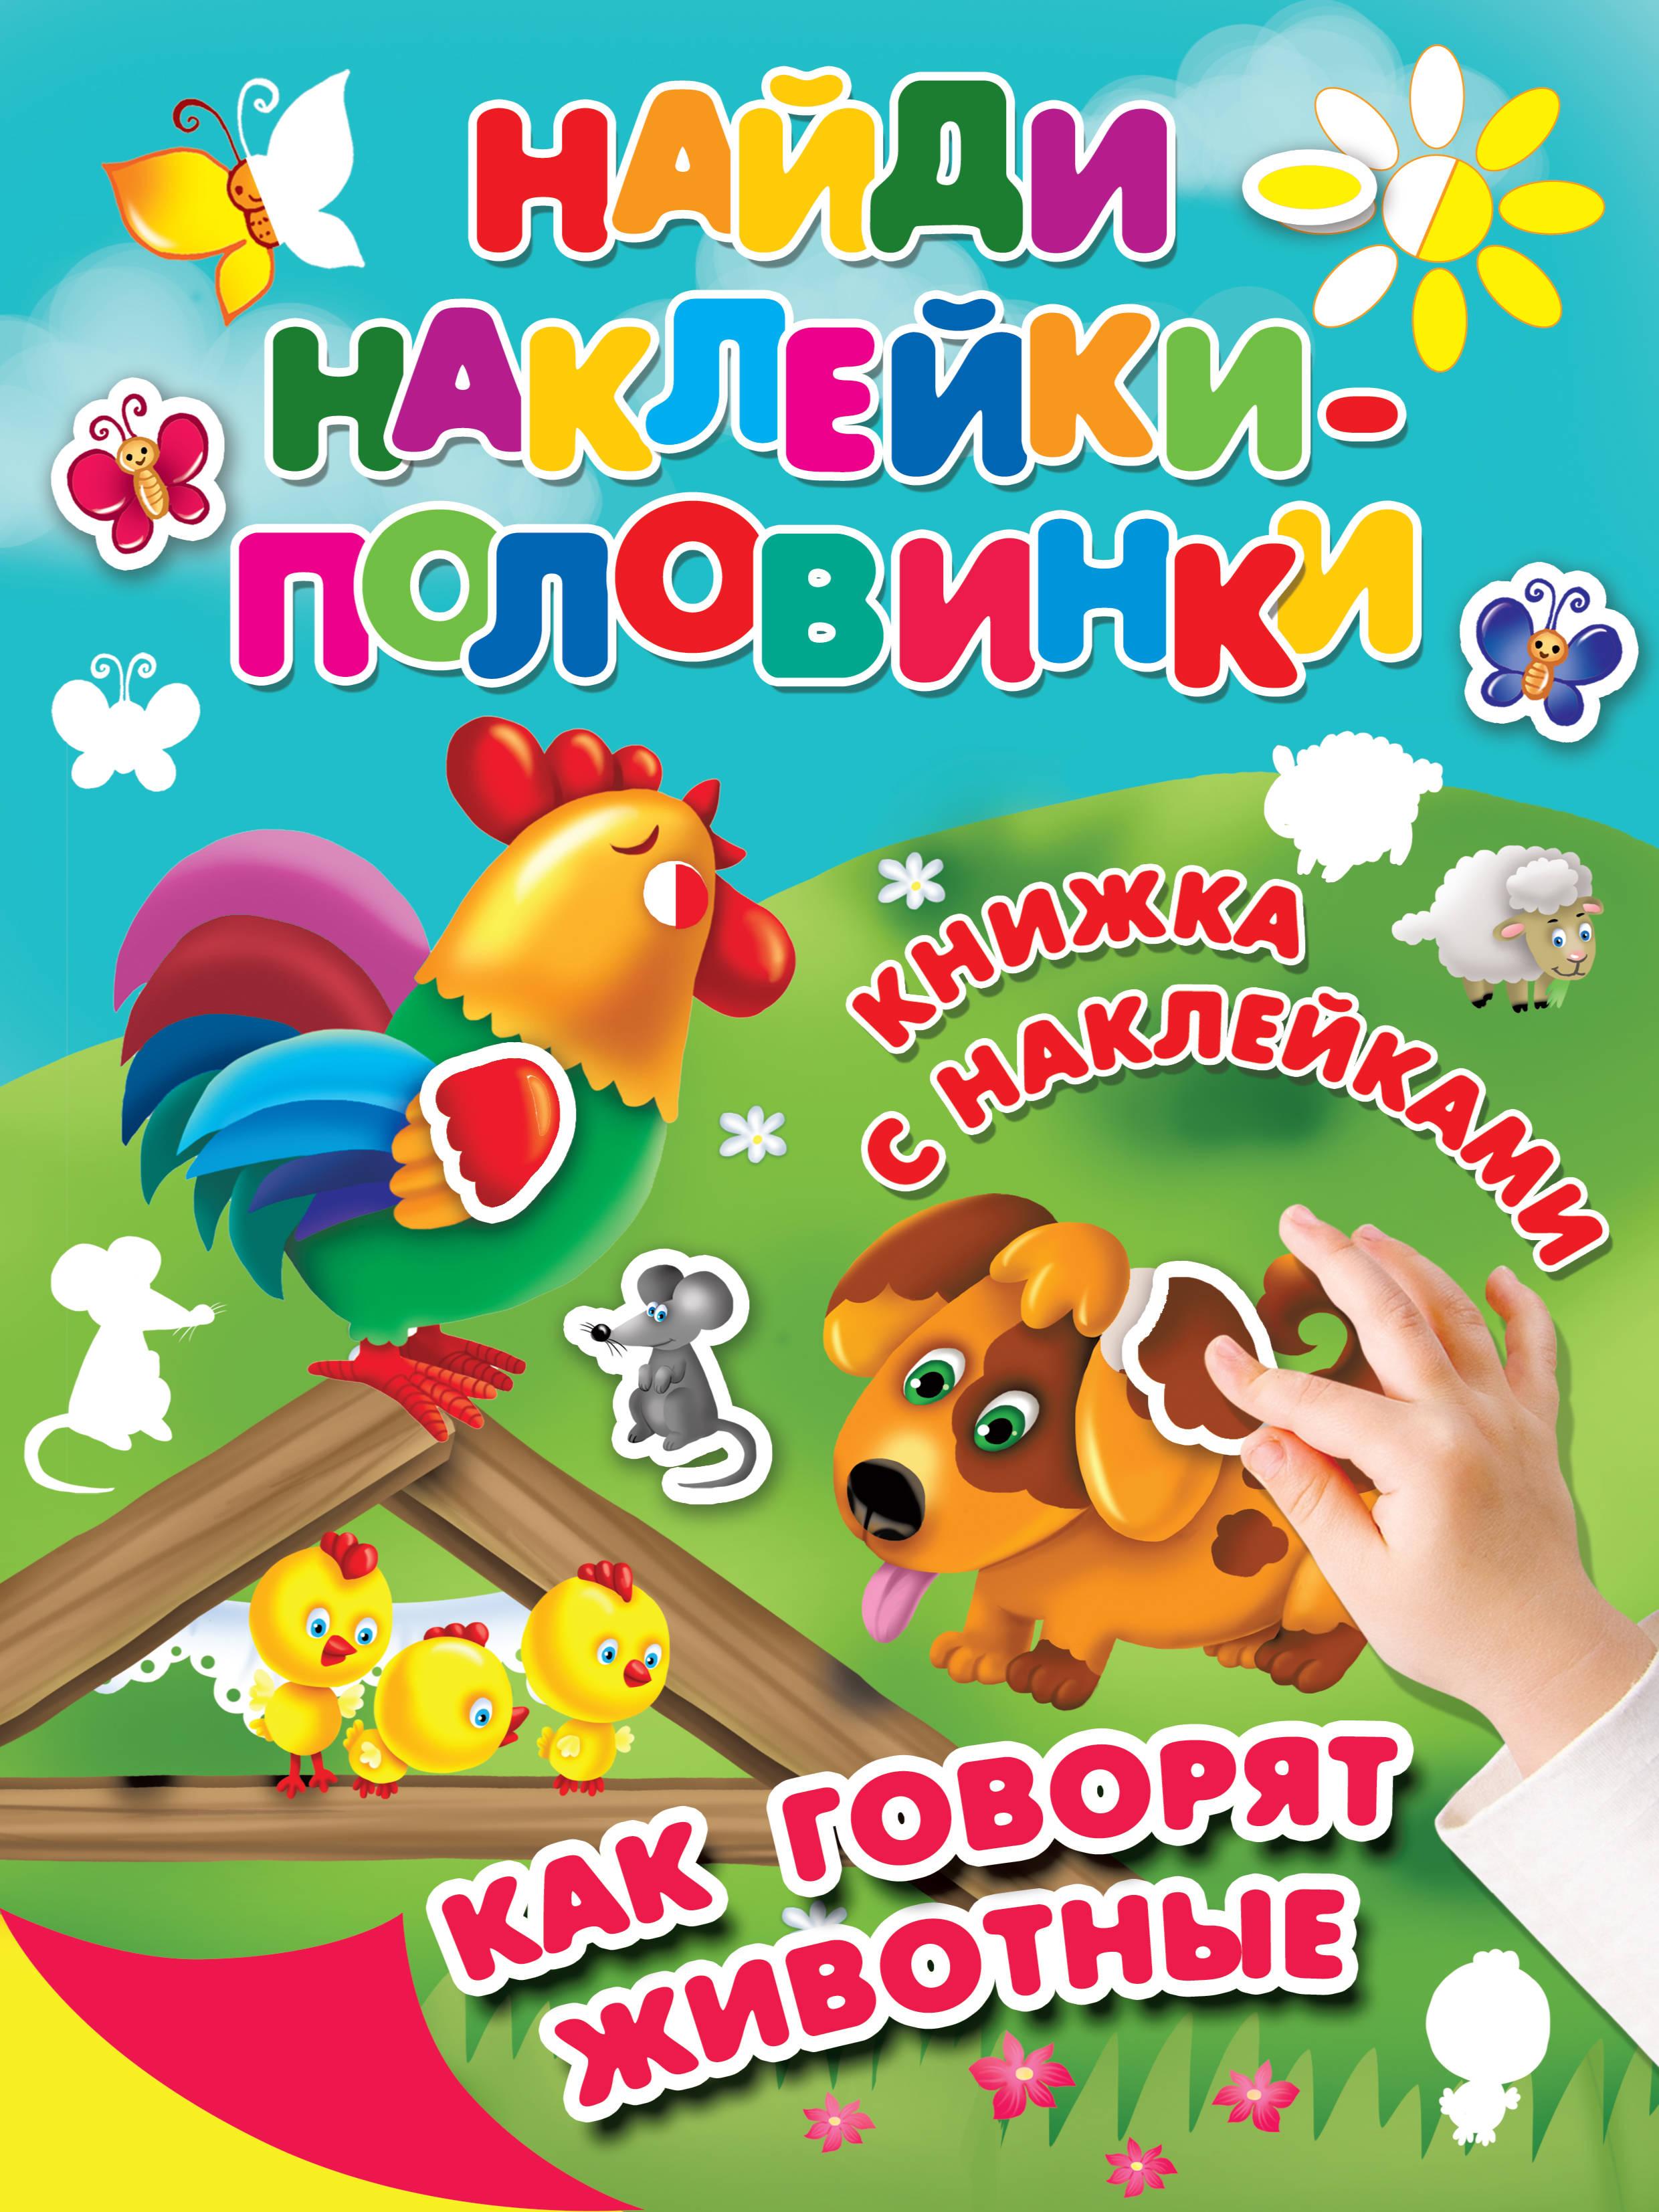 Фото - Дмитриева В.Г., Двинина Л.В. Как говорят животные стикеры для стен zooyoo1208 zypa 1208 nn